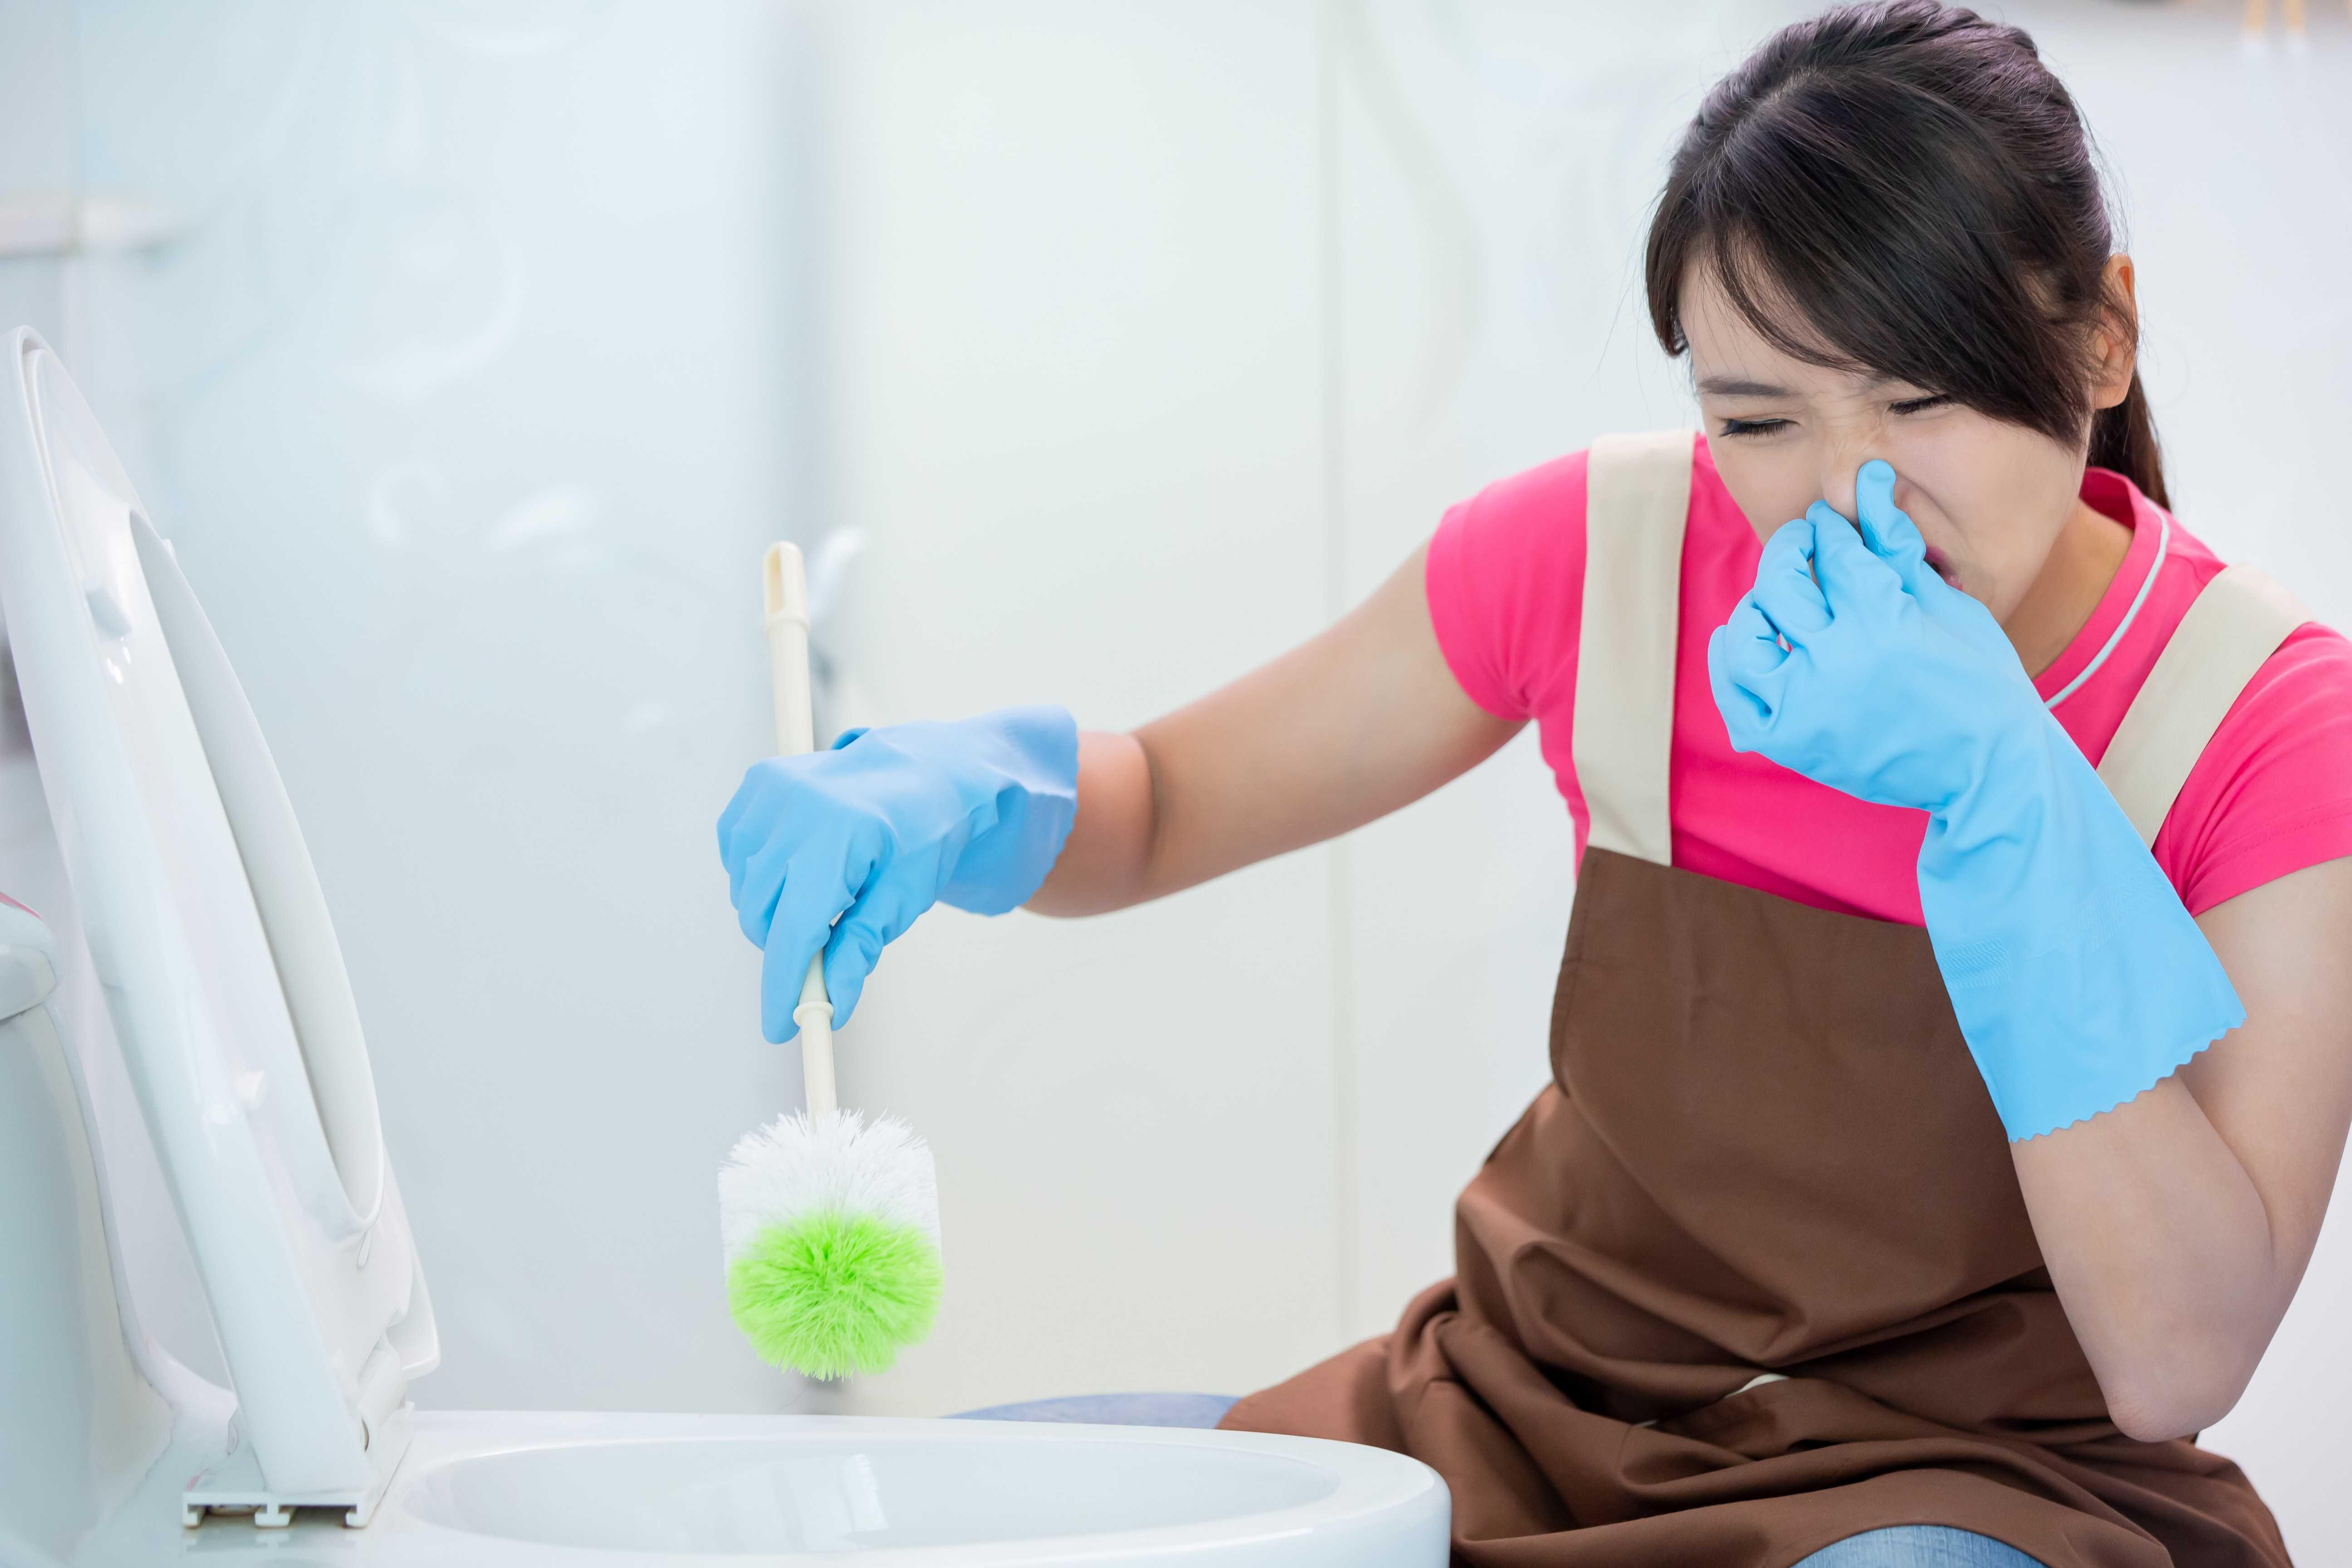 ウォシュレットの脱臭機能の効果と正しい使い方|消臭剤の併用は×